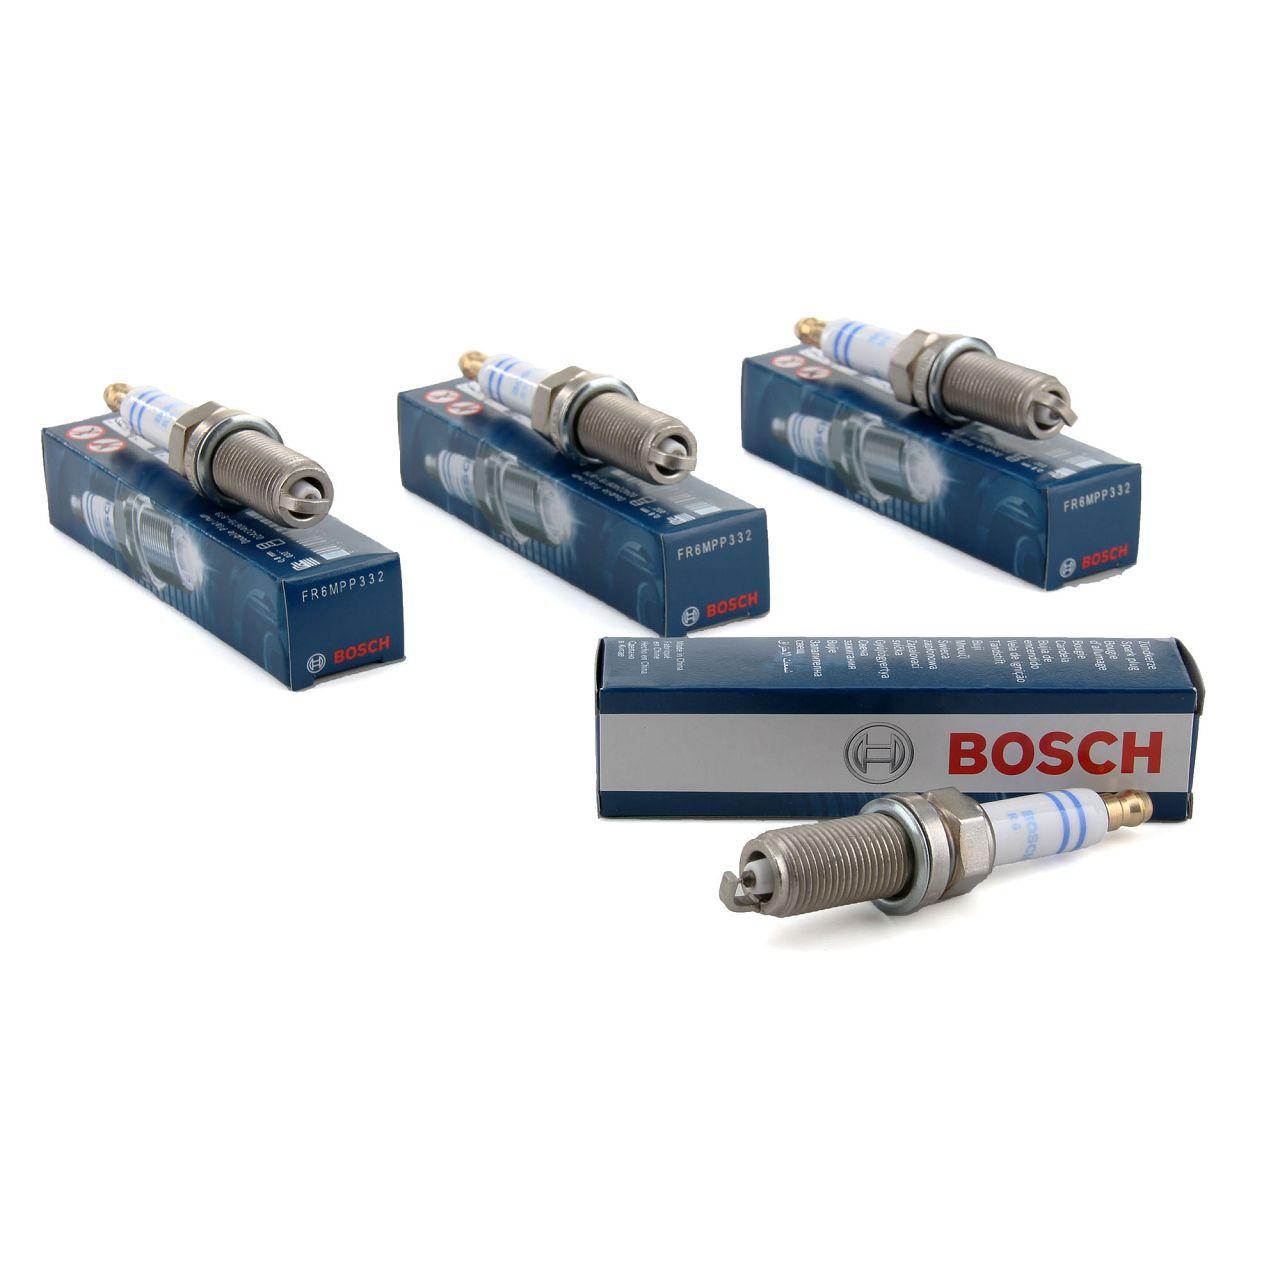 4x BOSCH FR6MPP332 0242240619 Zündkerze MERCEDES W203 W211 M271 0041594503